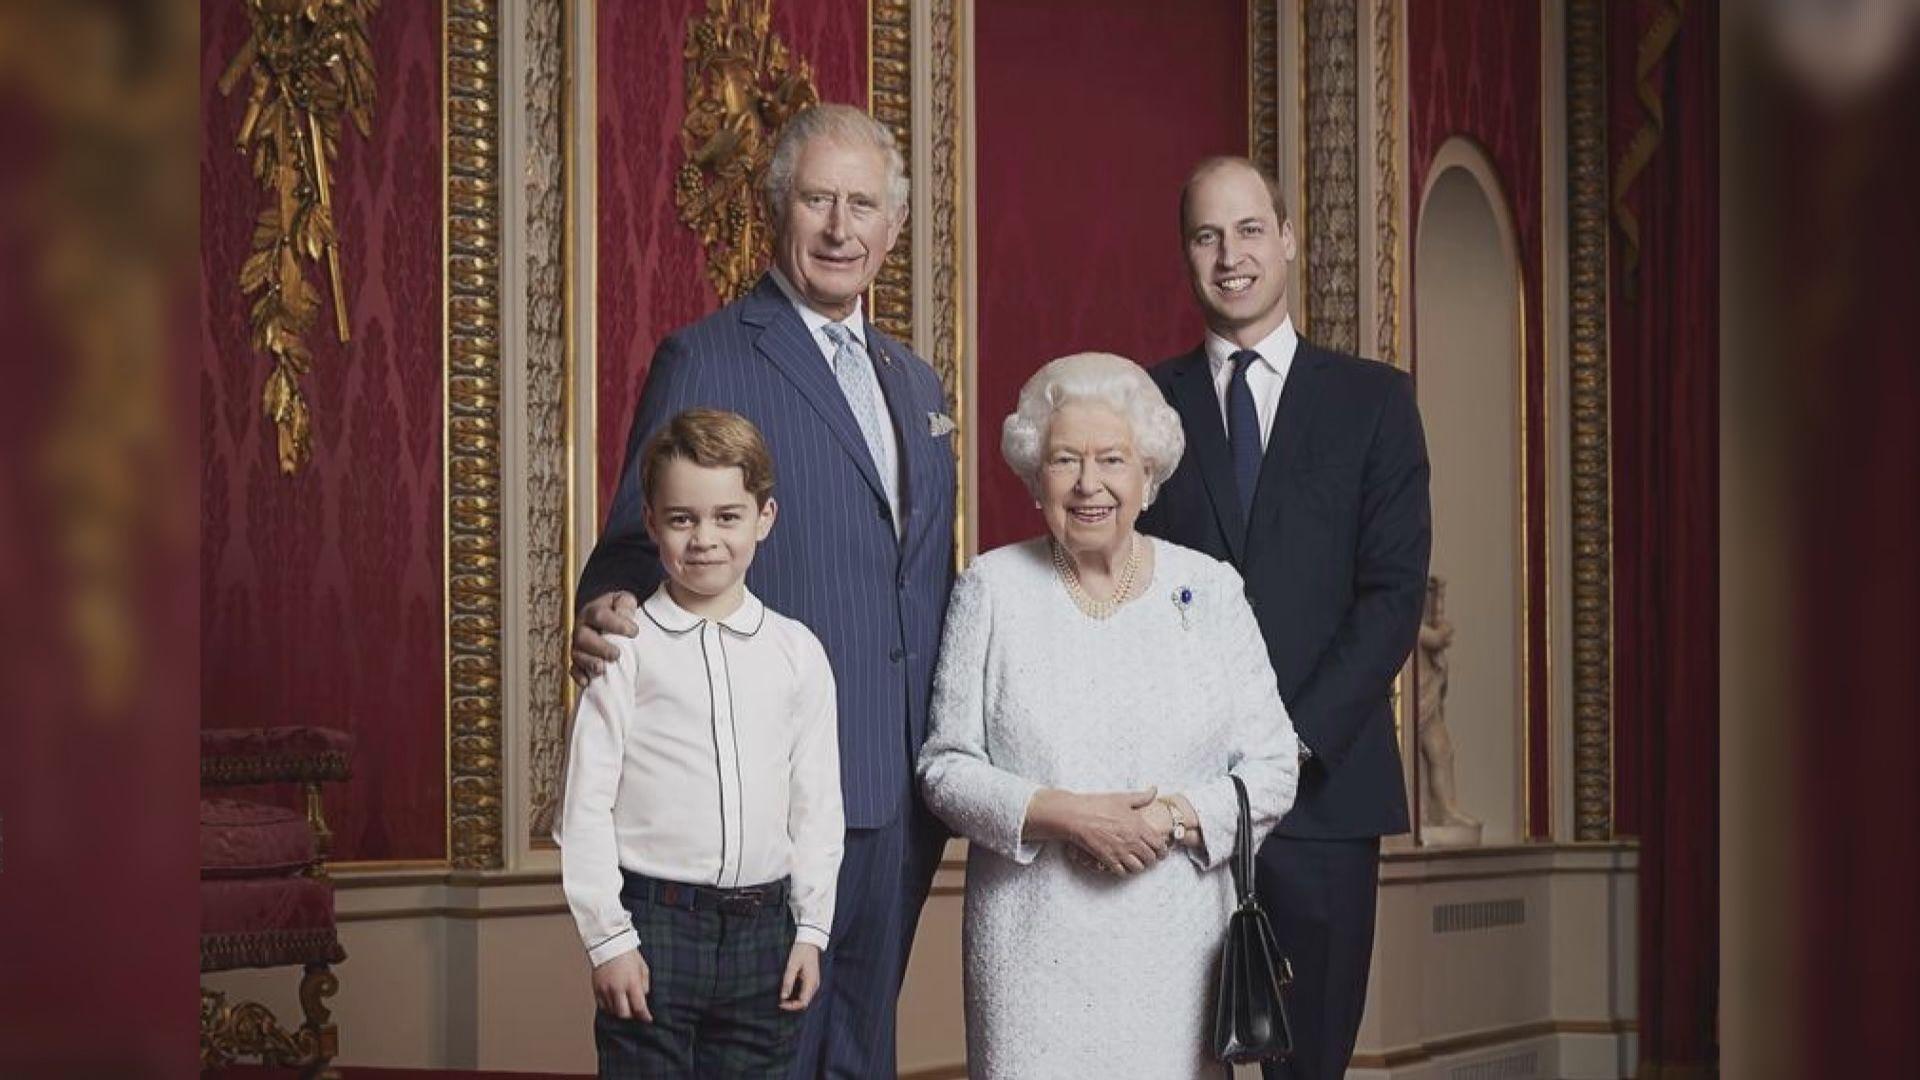 英國王室發布四代同場肖像照